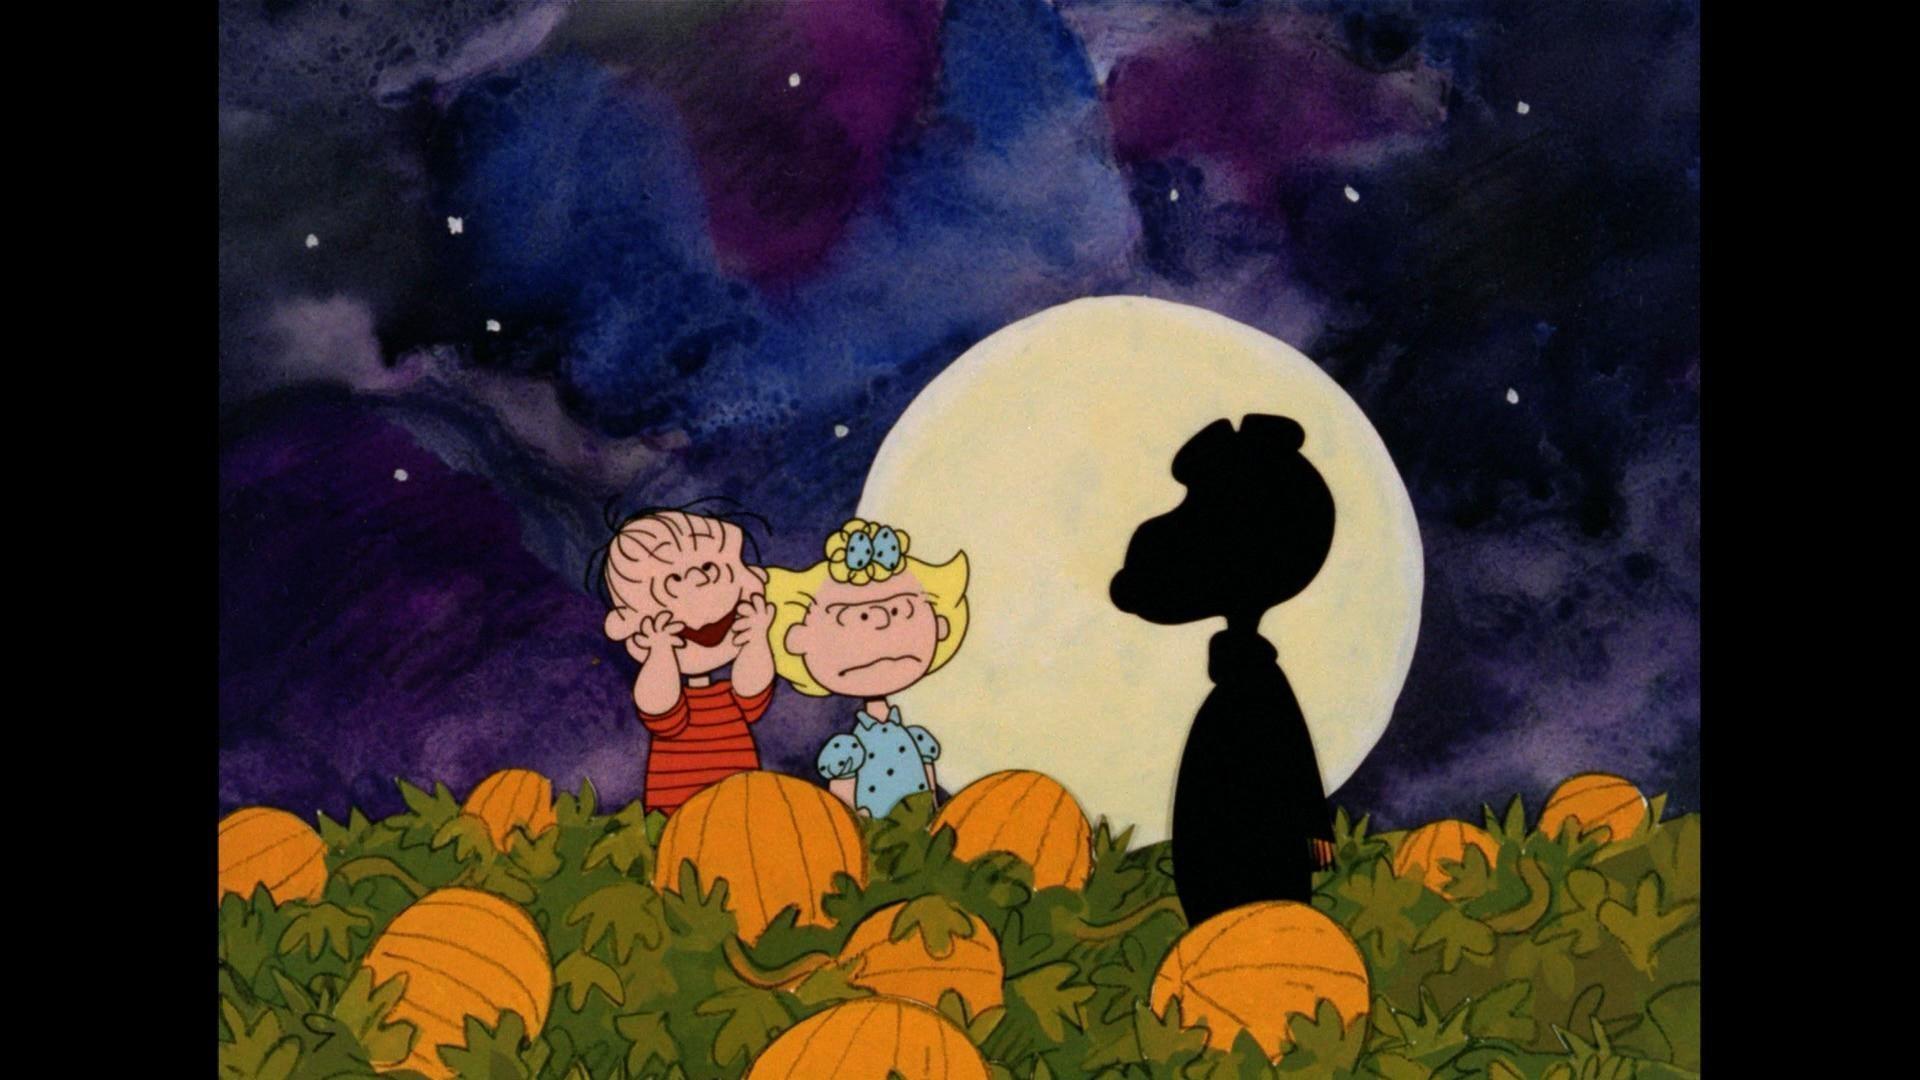 Great-Pumpkin-Charlie-Brown-Wallpapers-HD